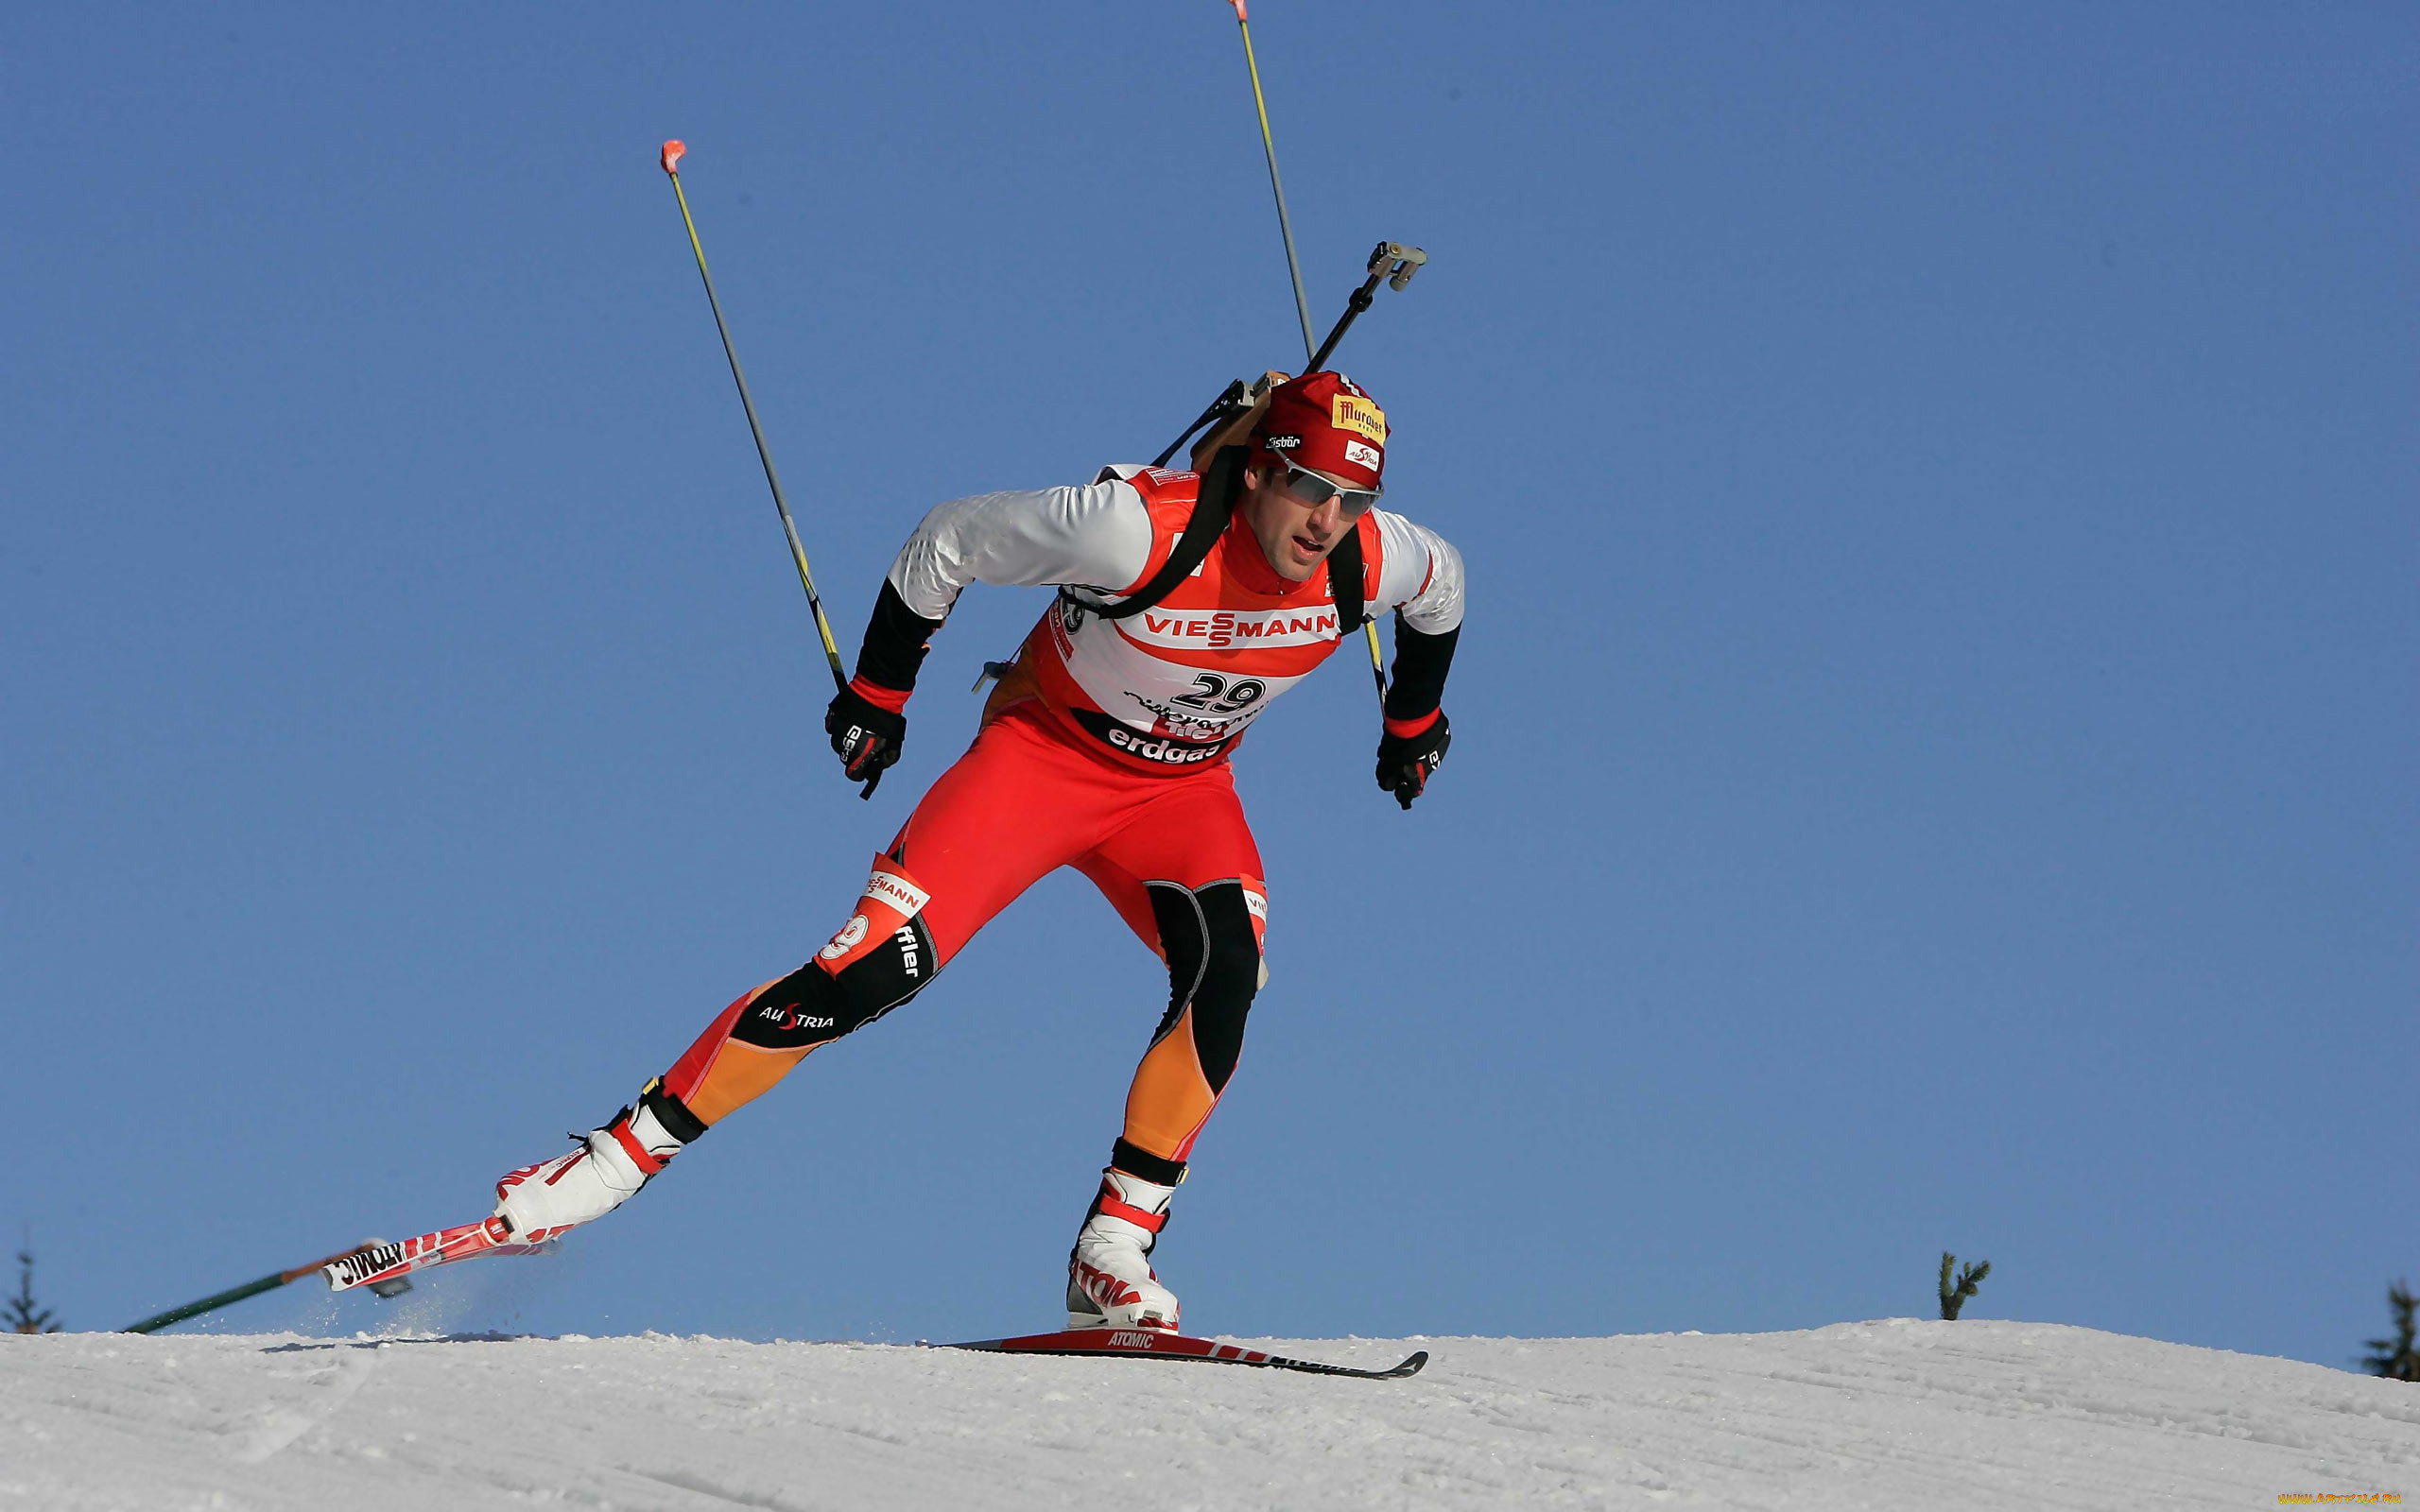 Christoph sumann спорт лыжный спорт обои для